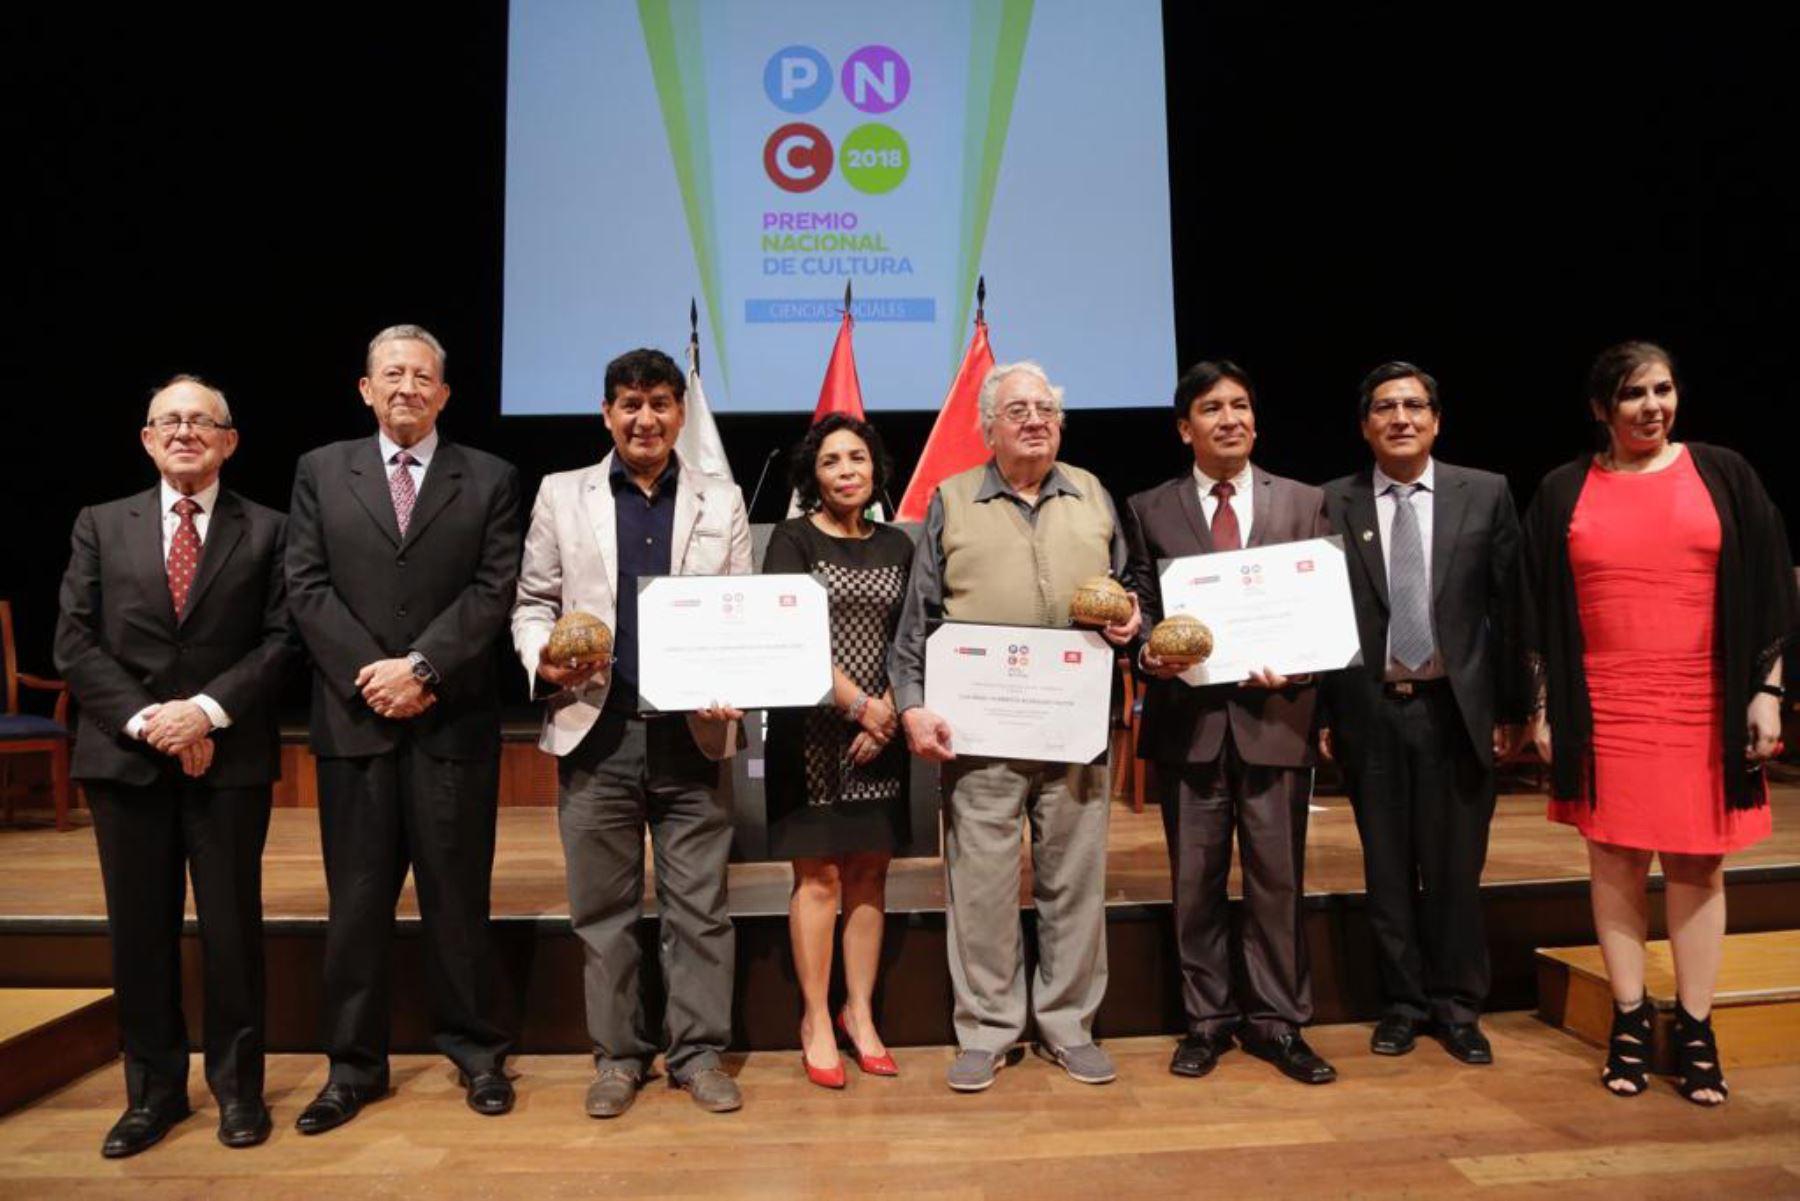 20/11/2018   Ministra Balbuena entrega Premio Nacional de Cultura a personas y organizaciones que contribuyen al desarrollo cultural del país Foto: ANDINA/Ministerio de Cultura